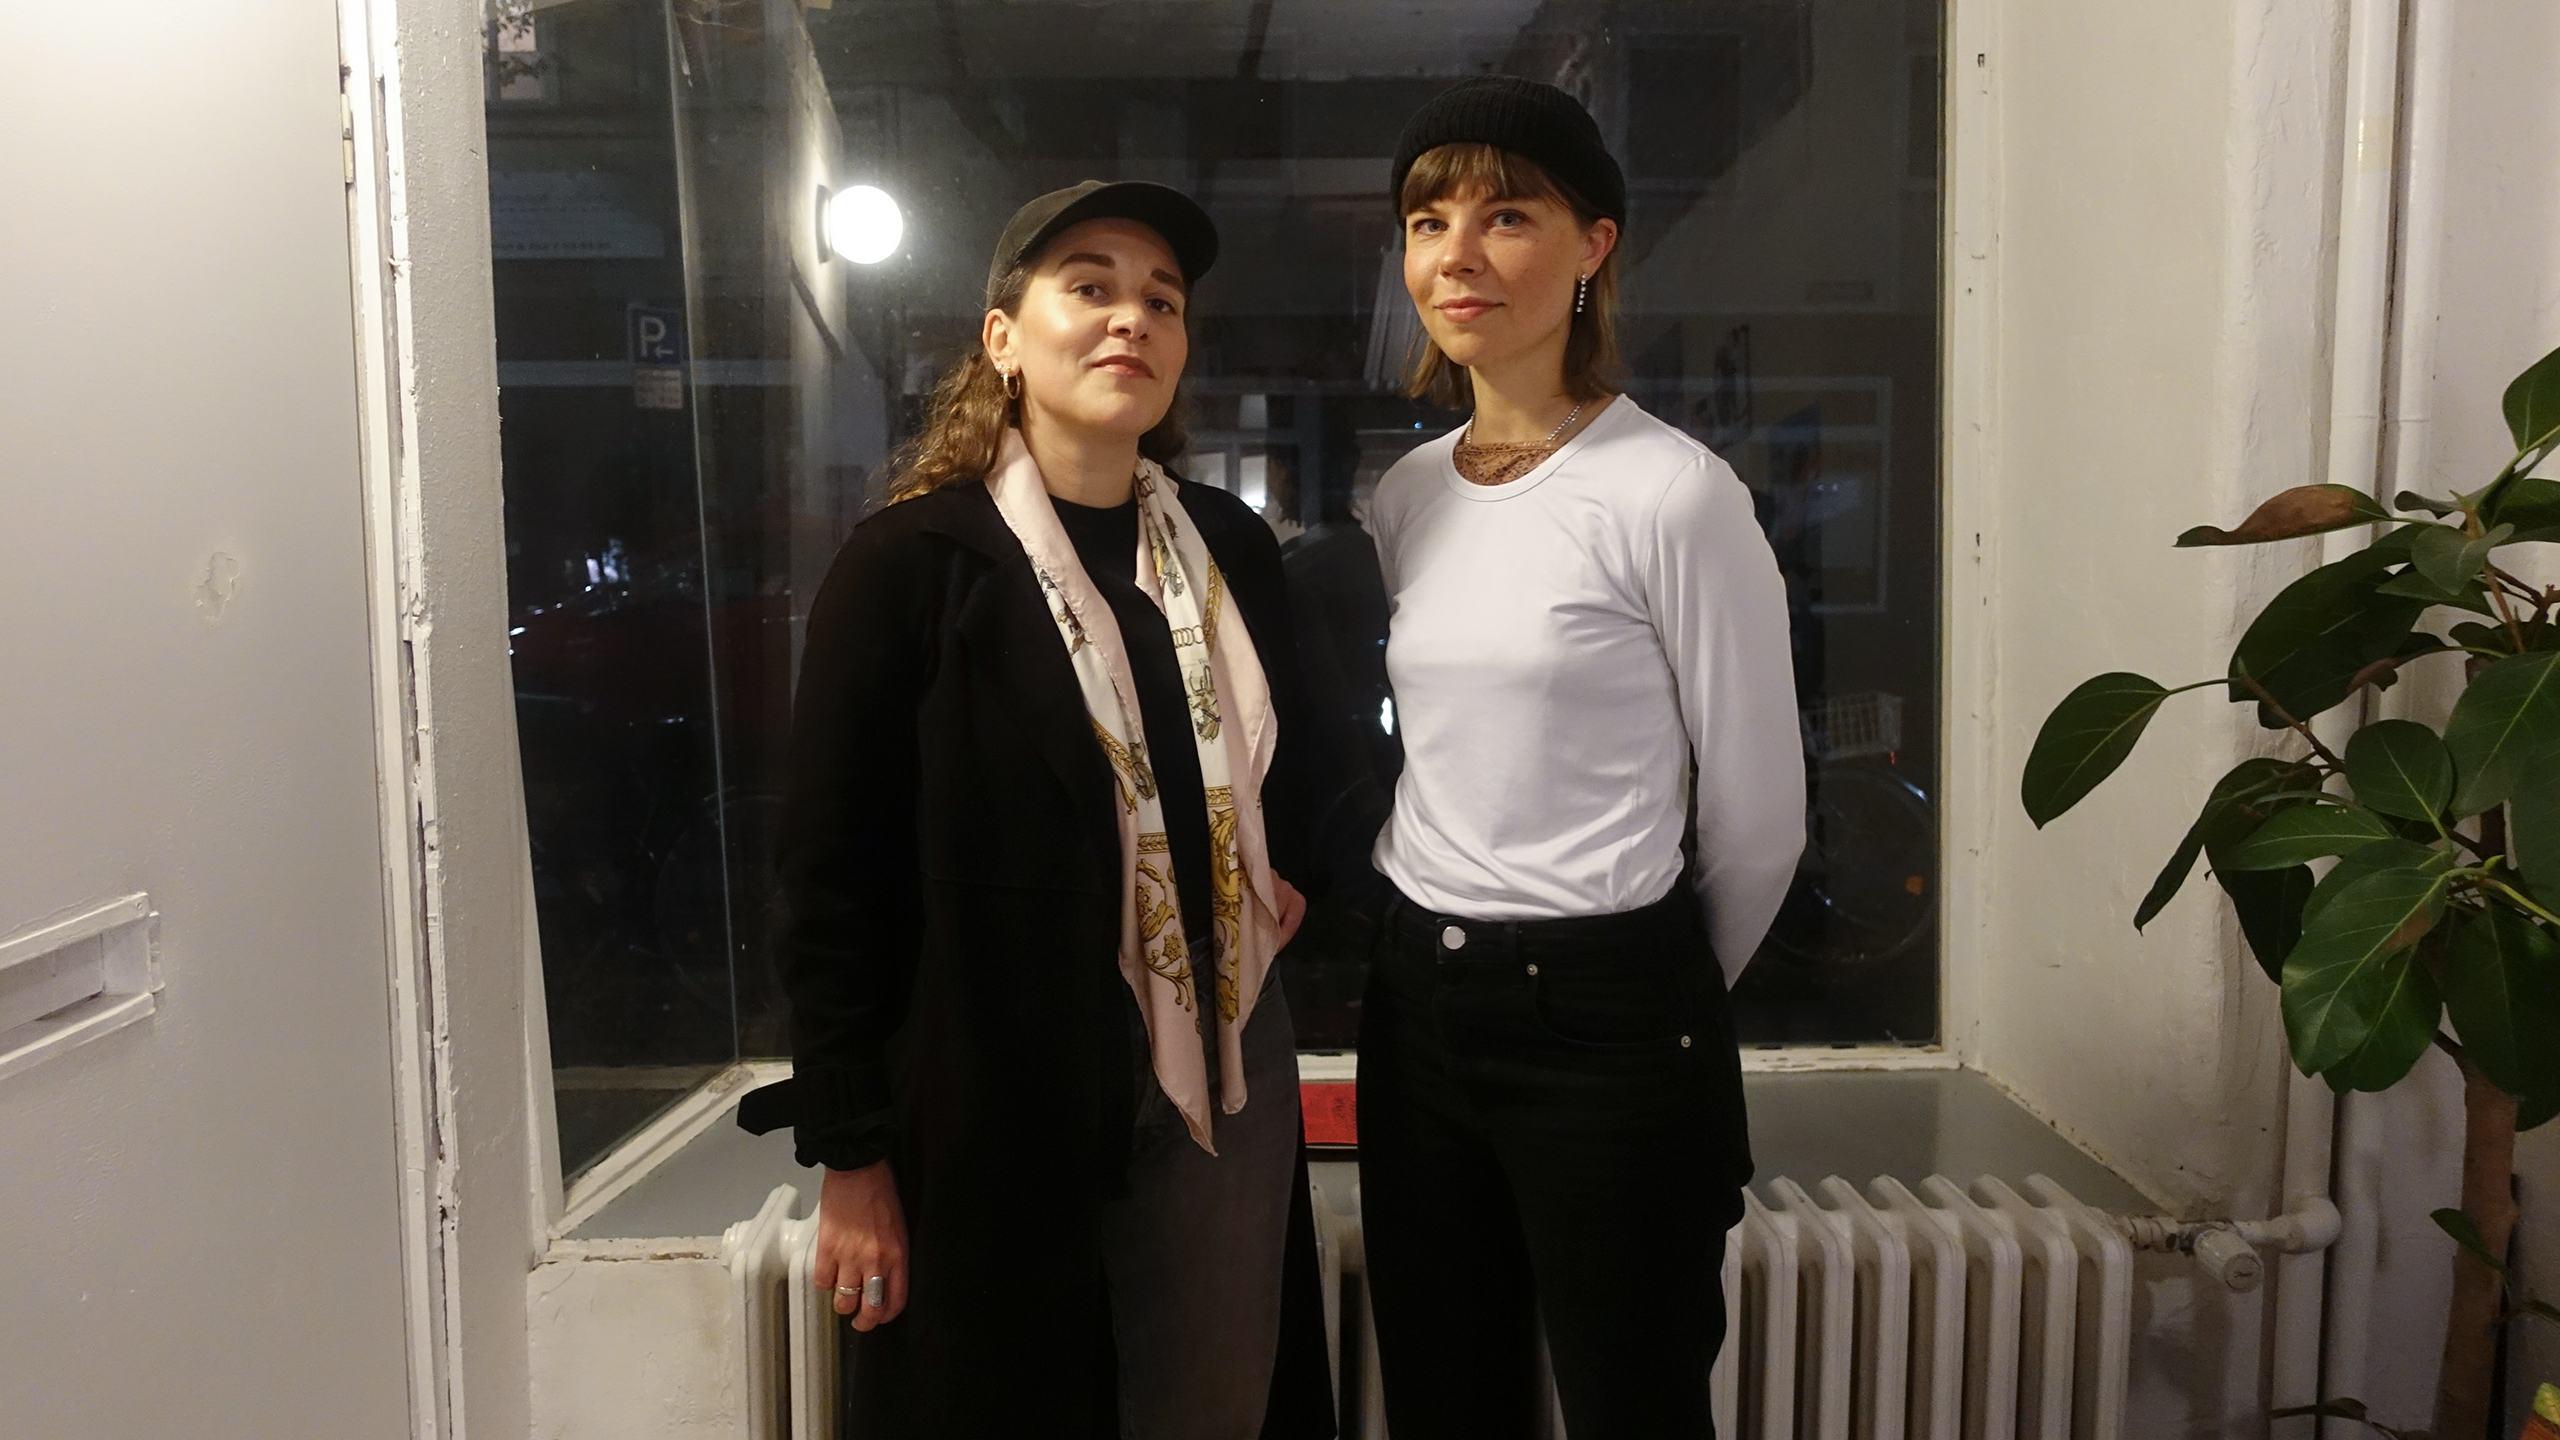 Amelie Liebst & Anna Burst, hosts of Kleiderei Radio on dublab DE